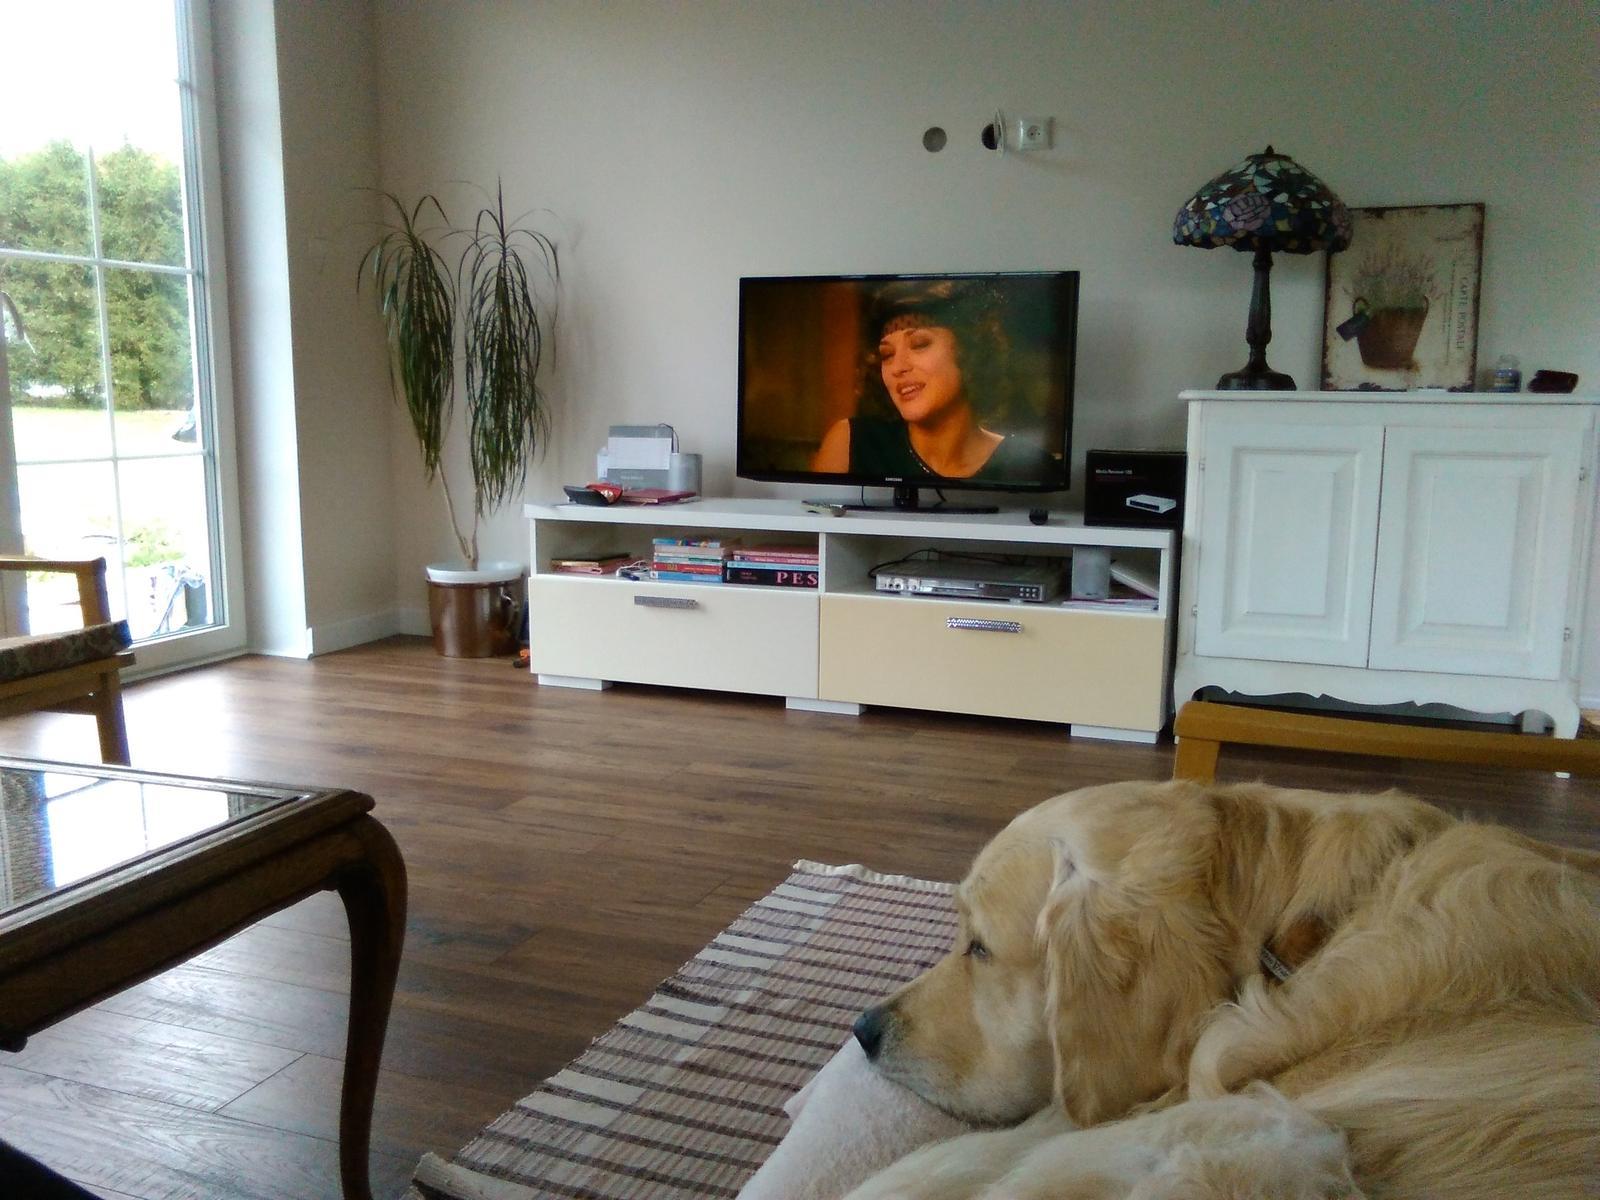 Náš nový domov-už bývame :-) - Ešte tak poskromne, ale už sme vo svojom.